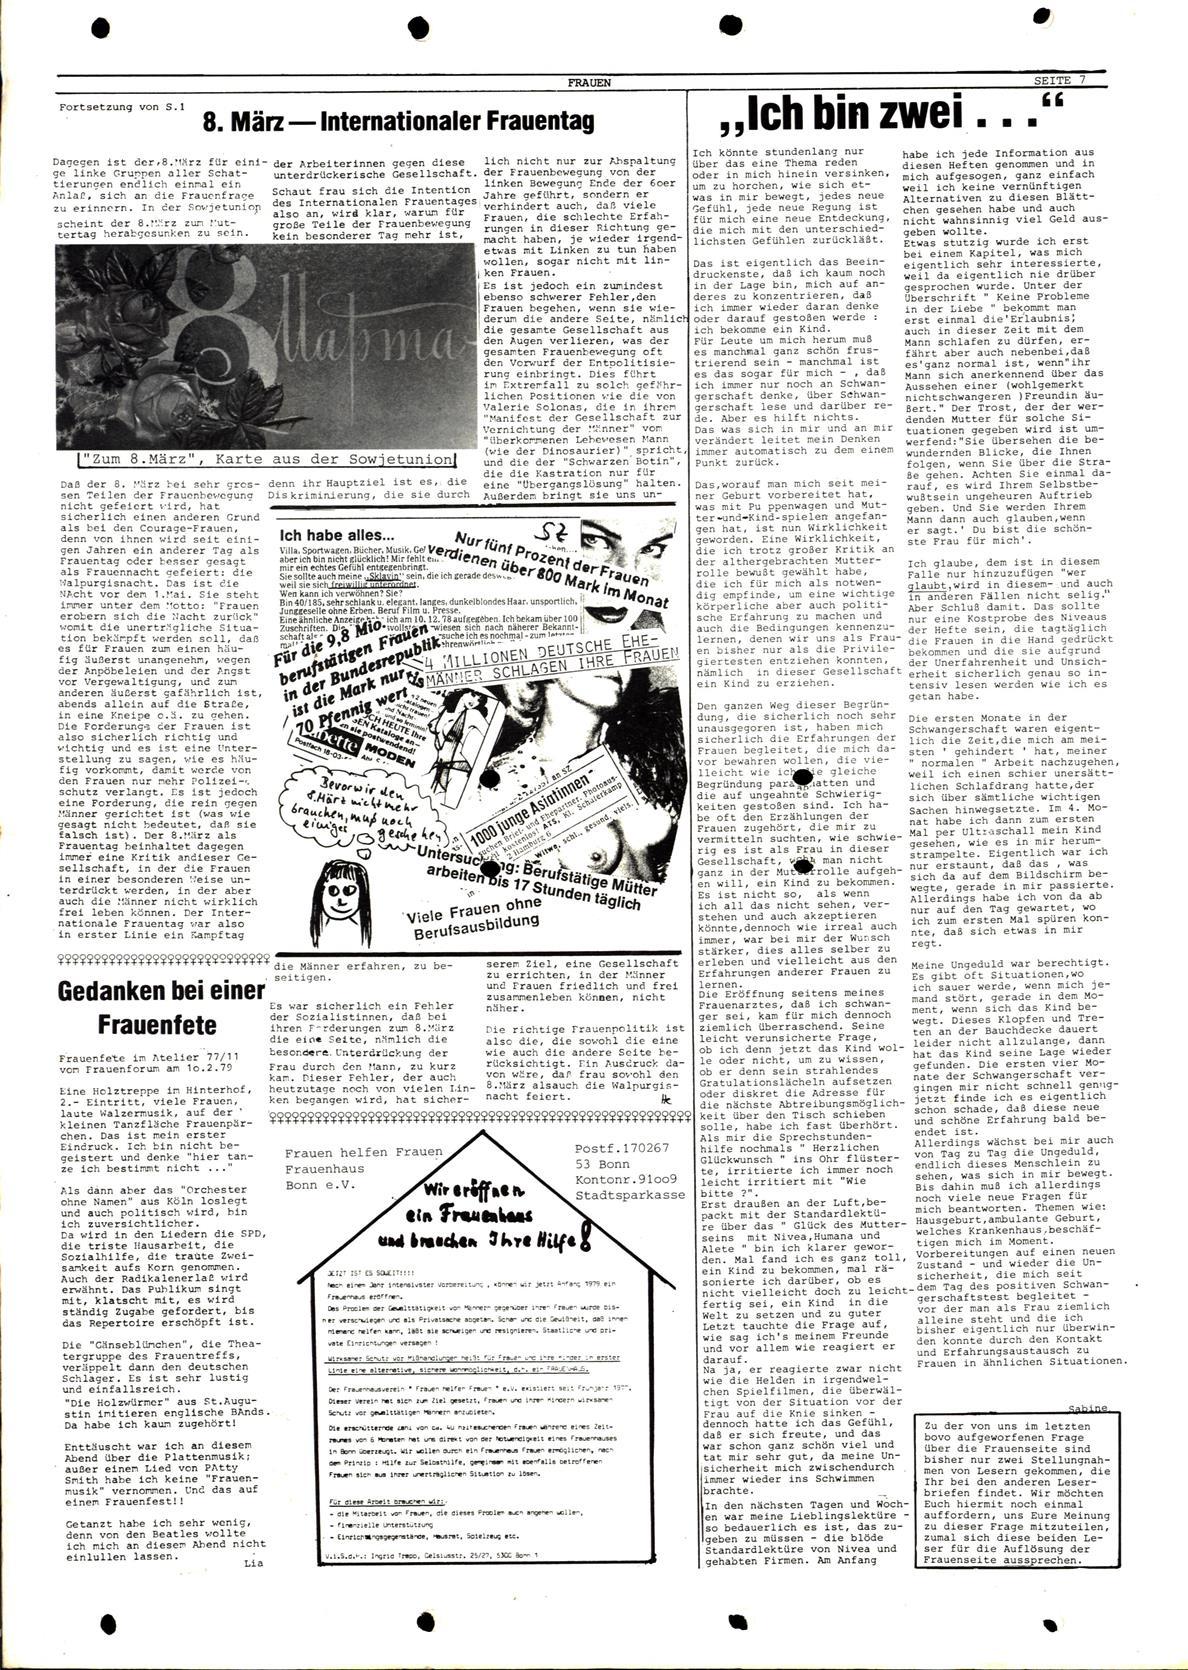 Bonner_Volksblatt_22_19790228_07